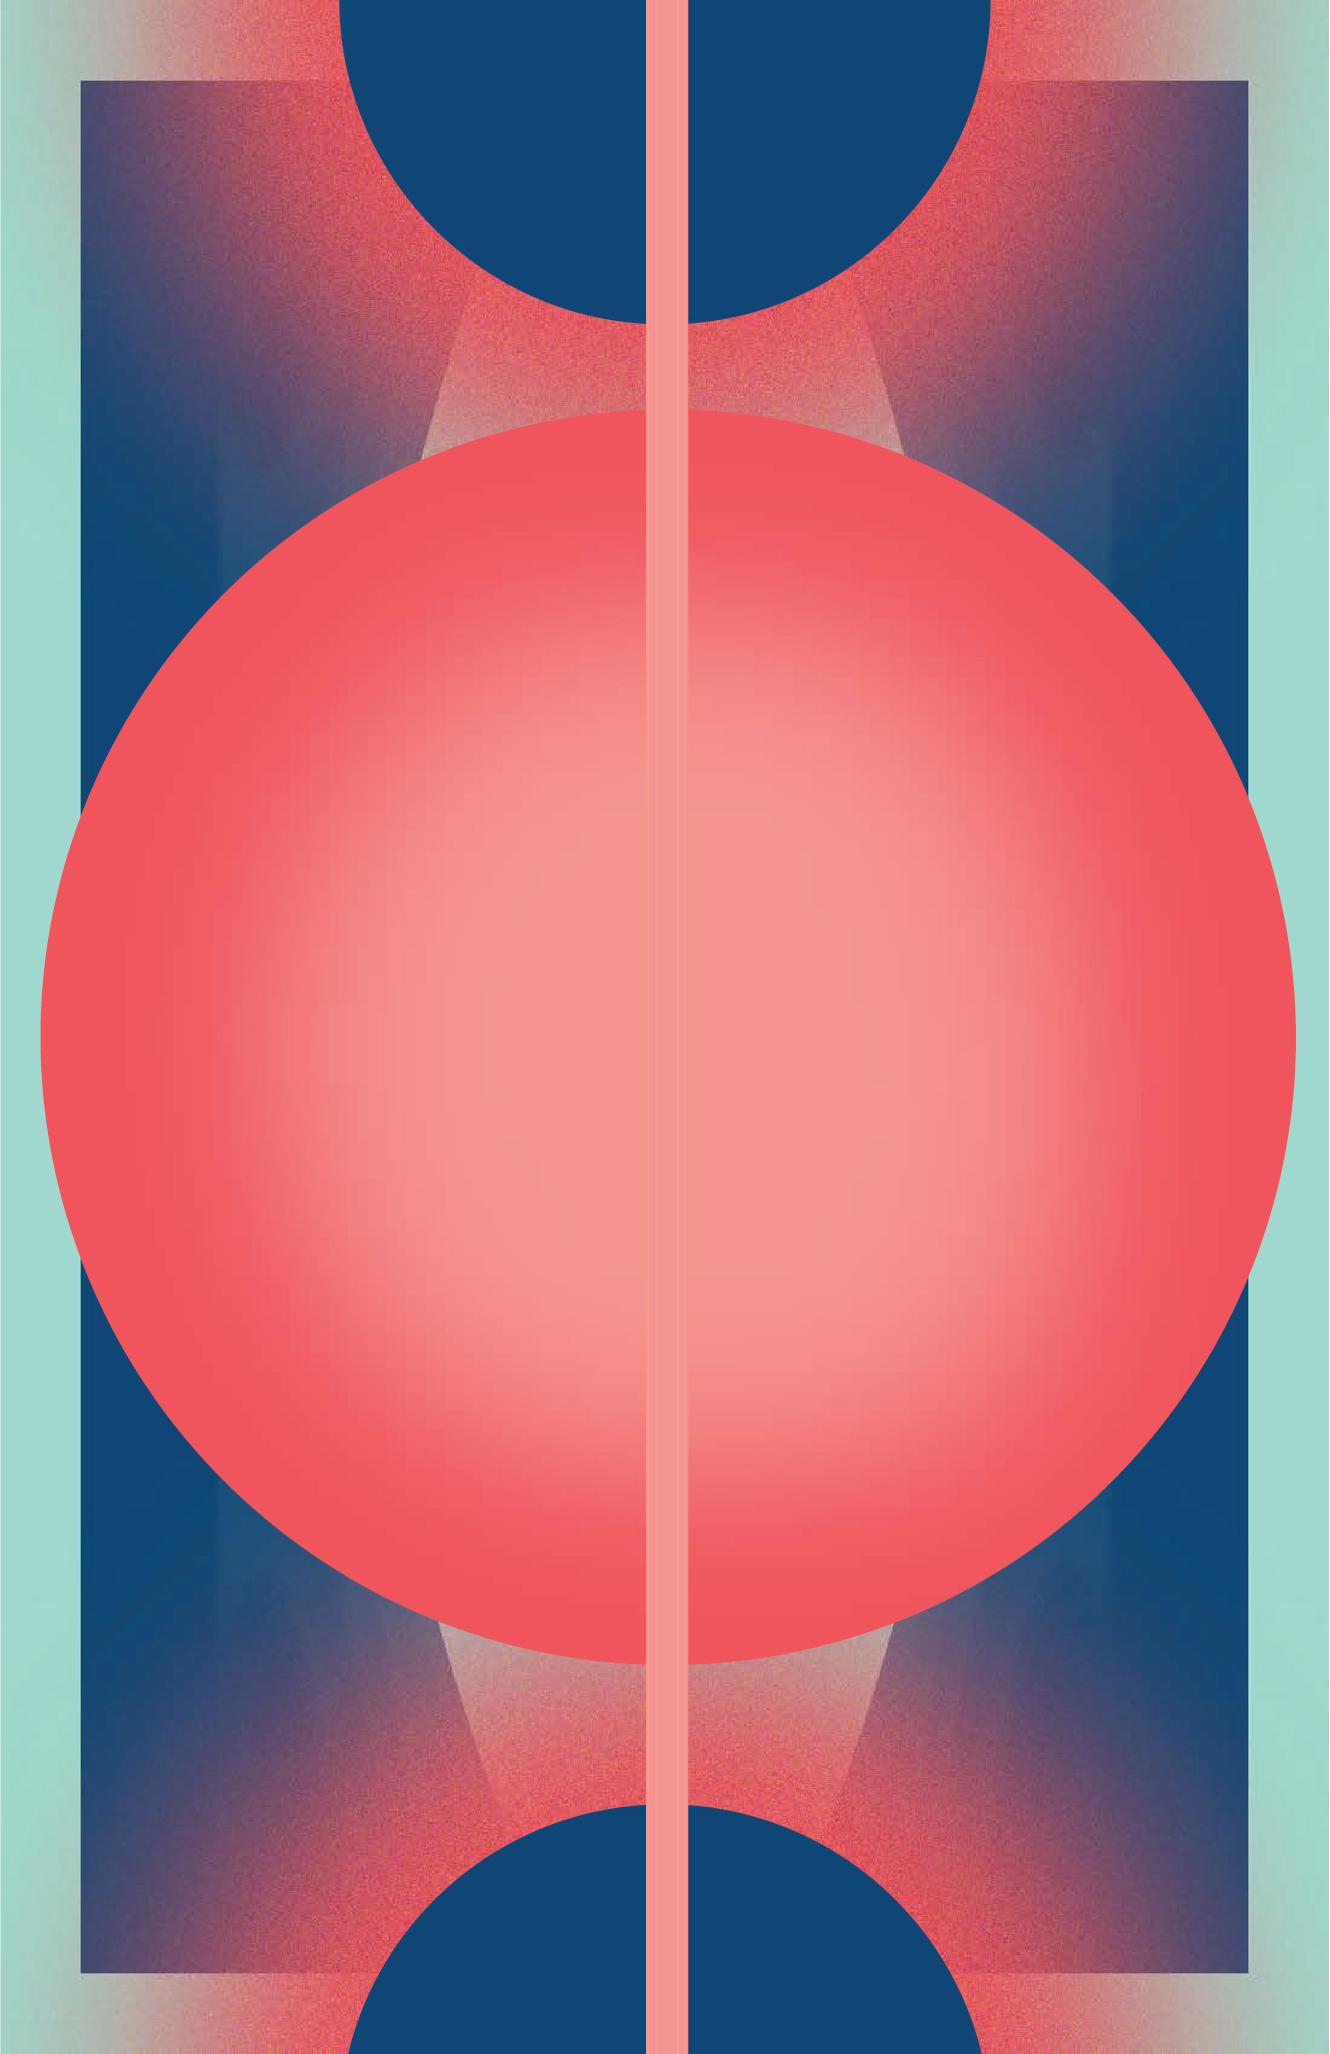 posters-02.jpg